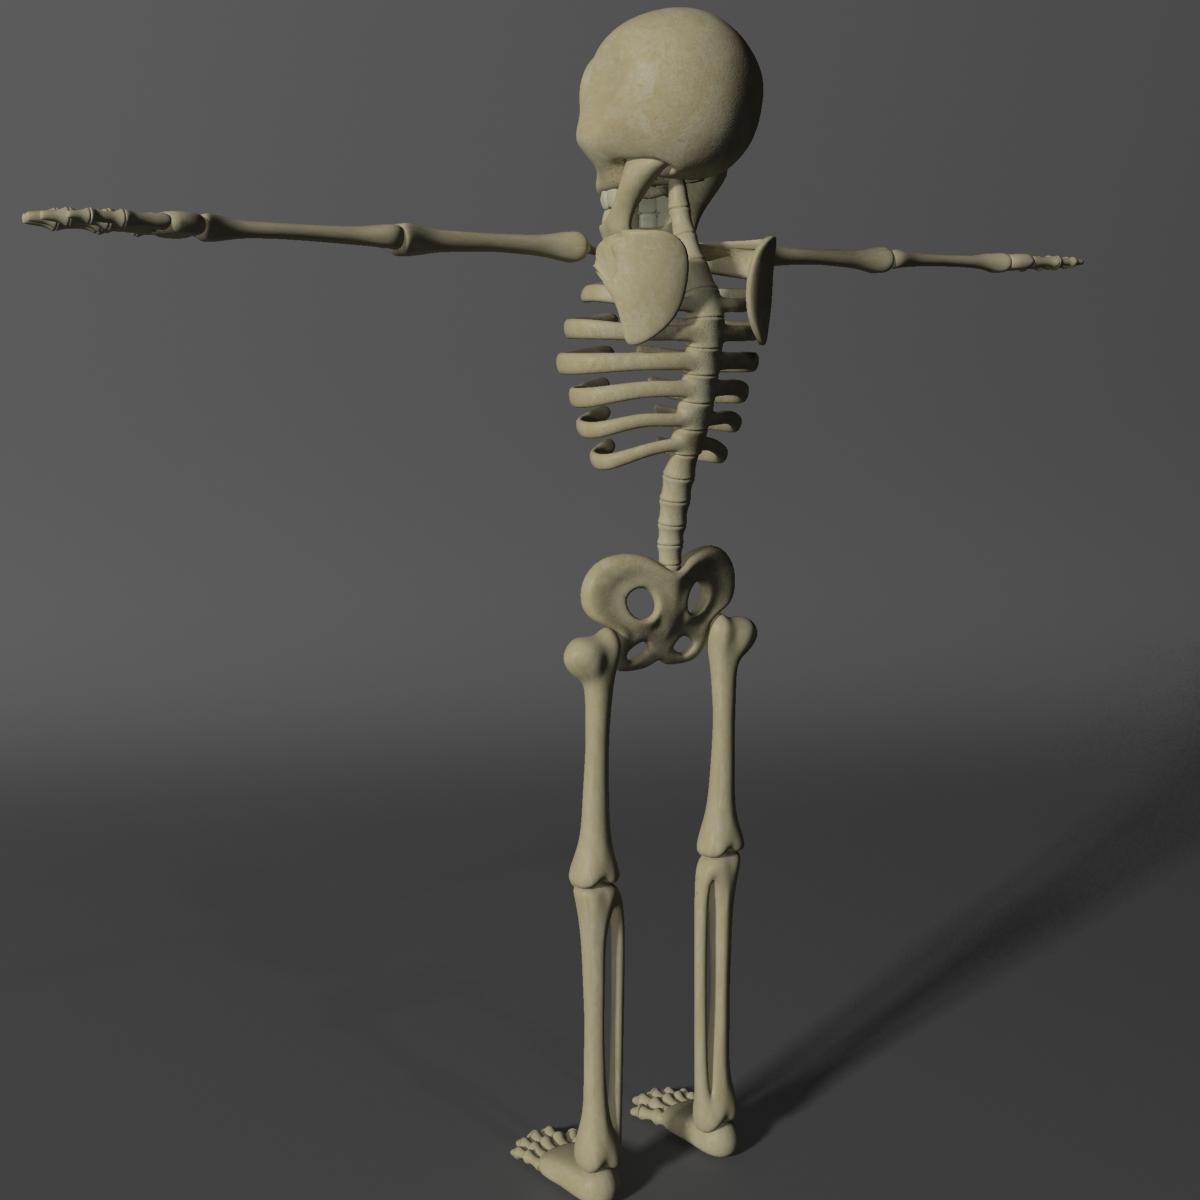 karikatūra skelets rigged 3d modelis 3ds max fbx obj 215123